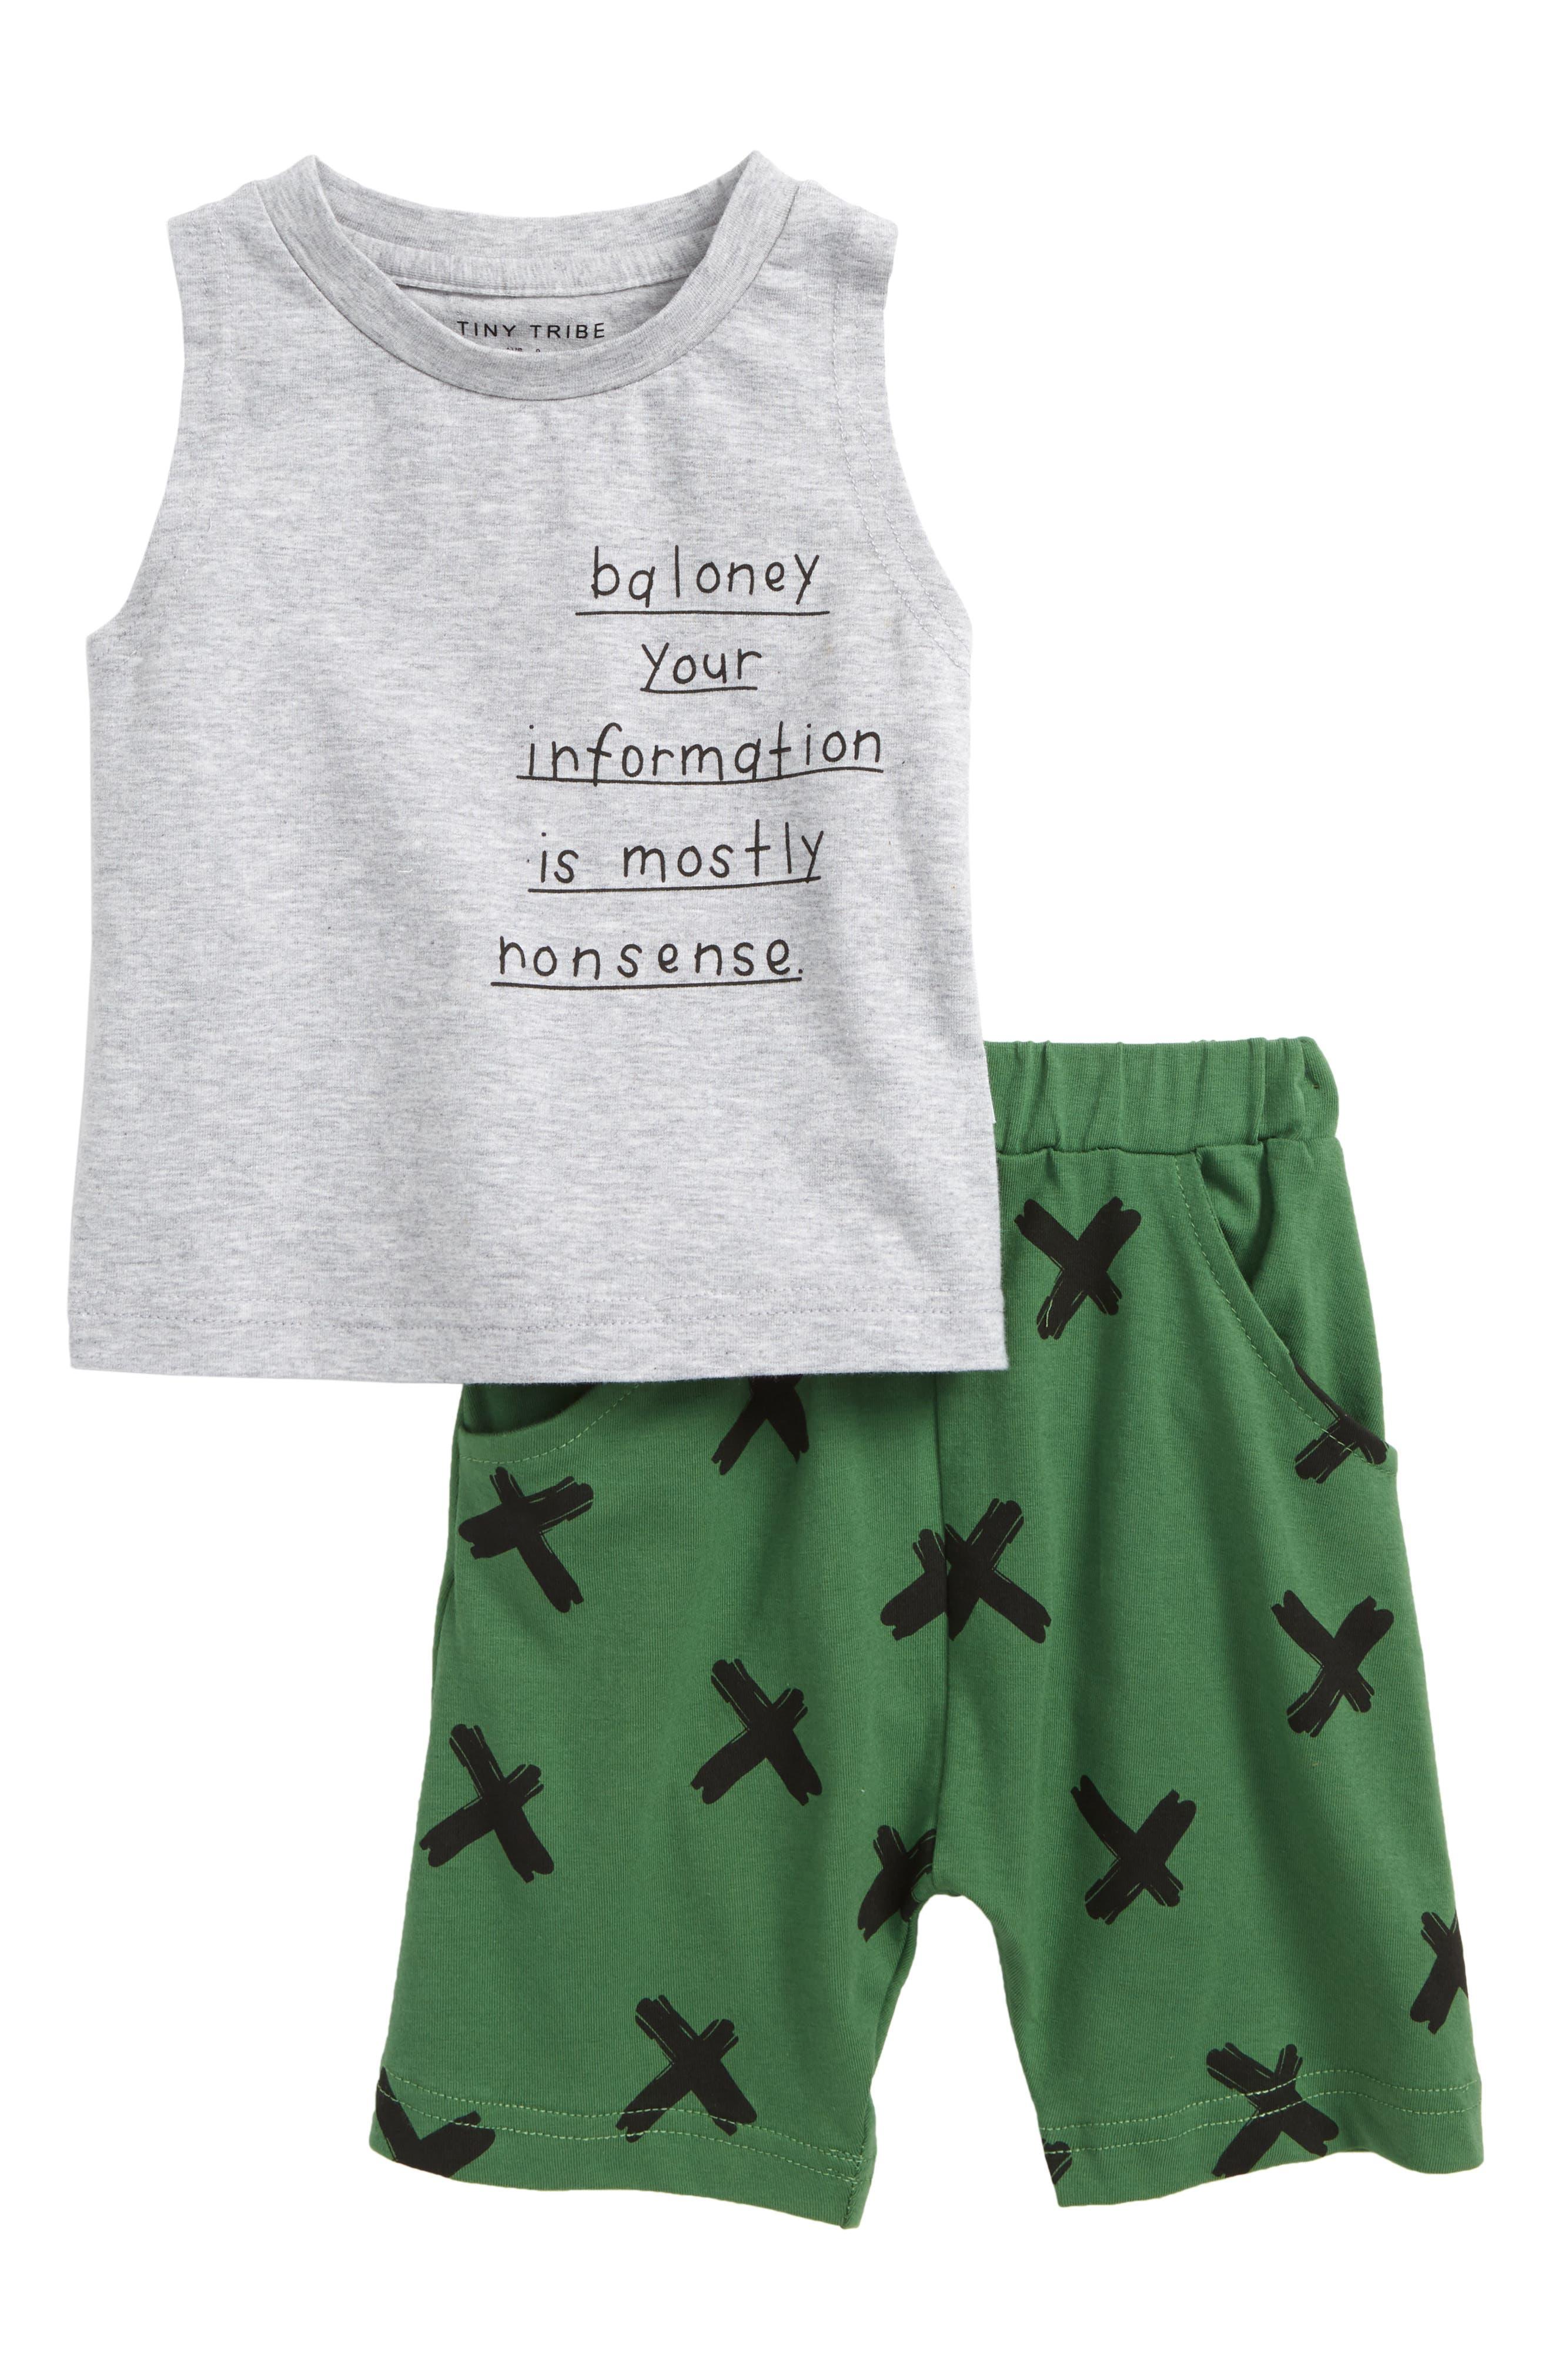 Baloney Tank Top & Shorts Set,                         Main,                         color, Grey/ Green